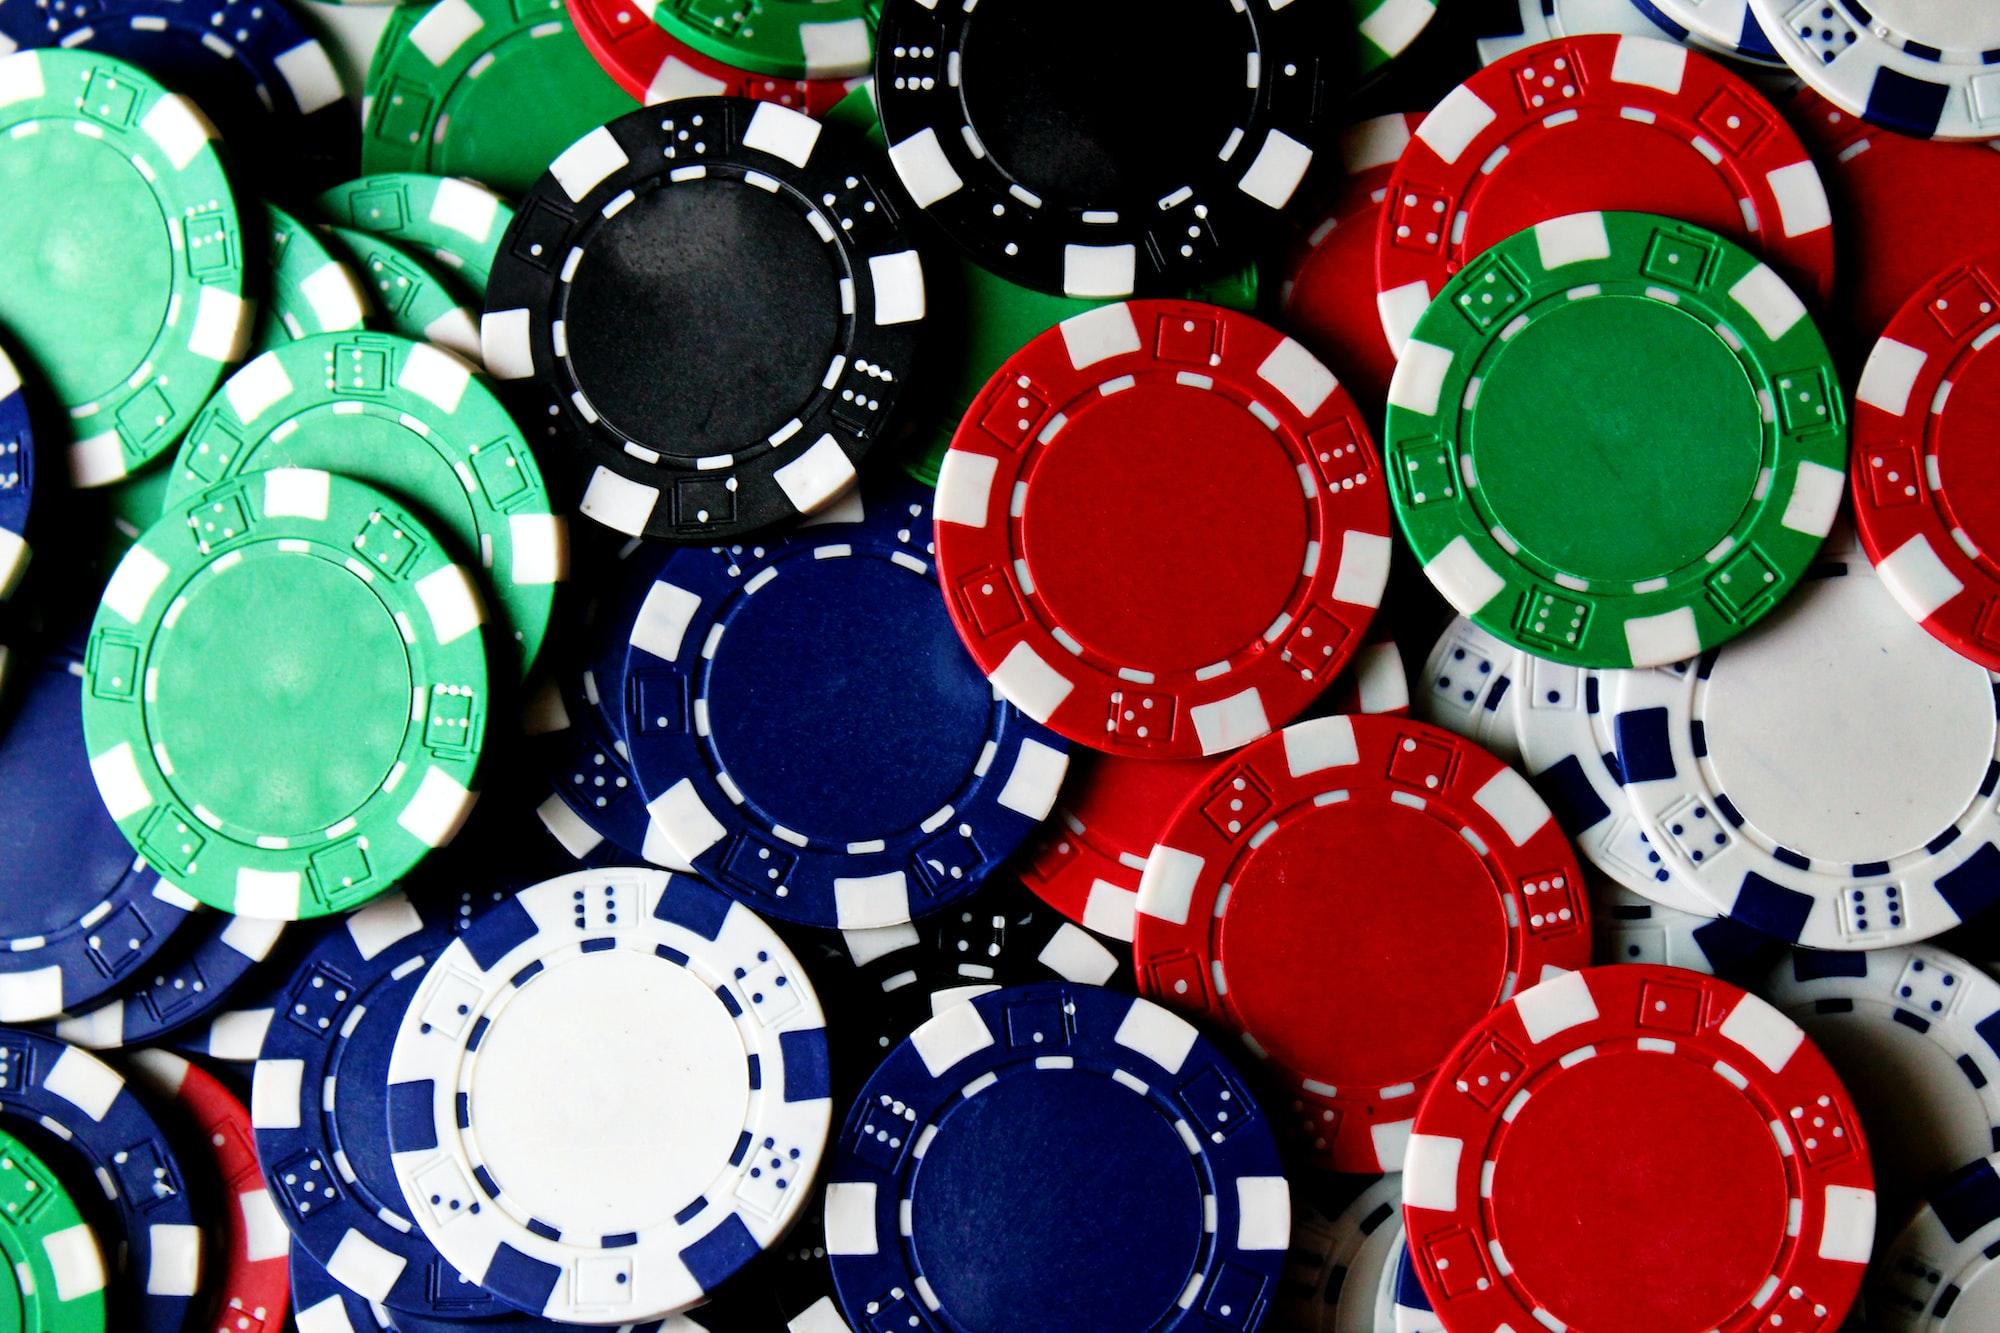 Estrazioni Lotto, Superenalotto e 10eLotto 17/06/21: i numeri vincenti